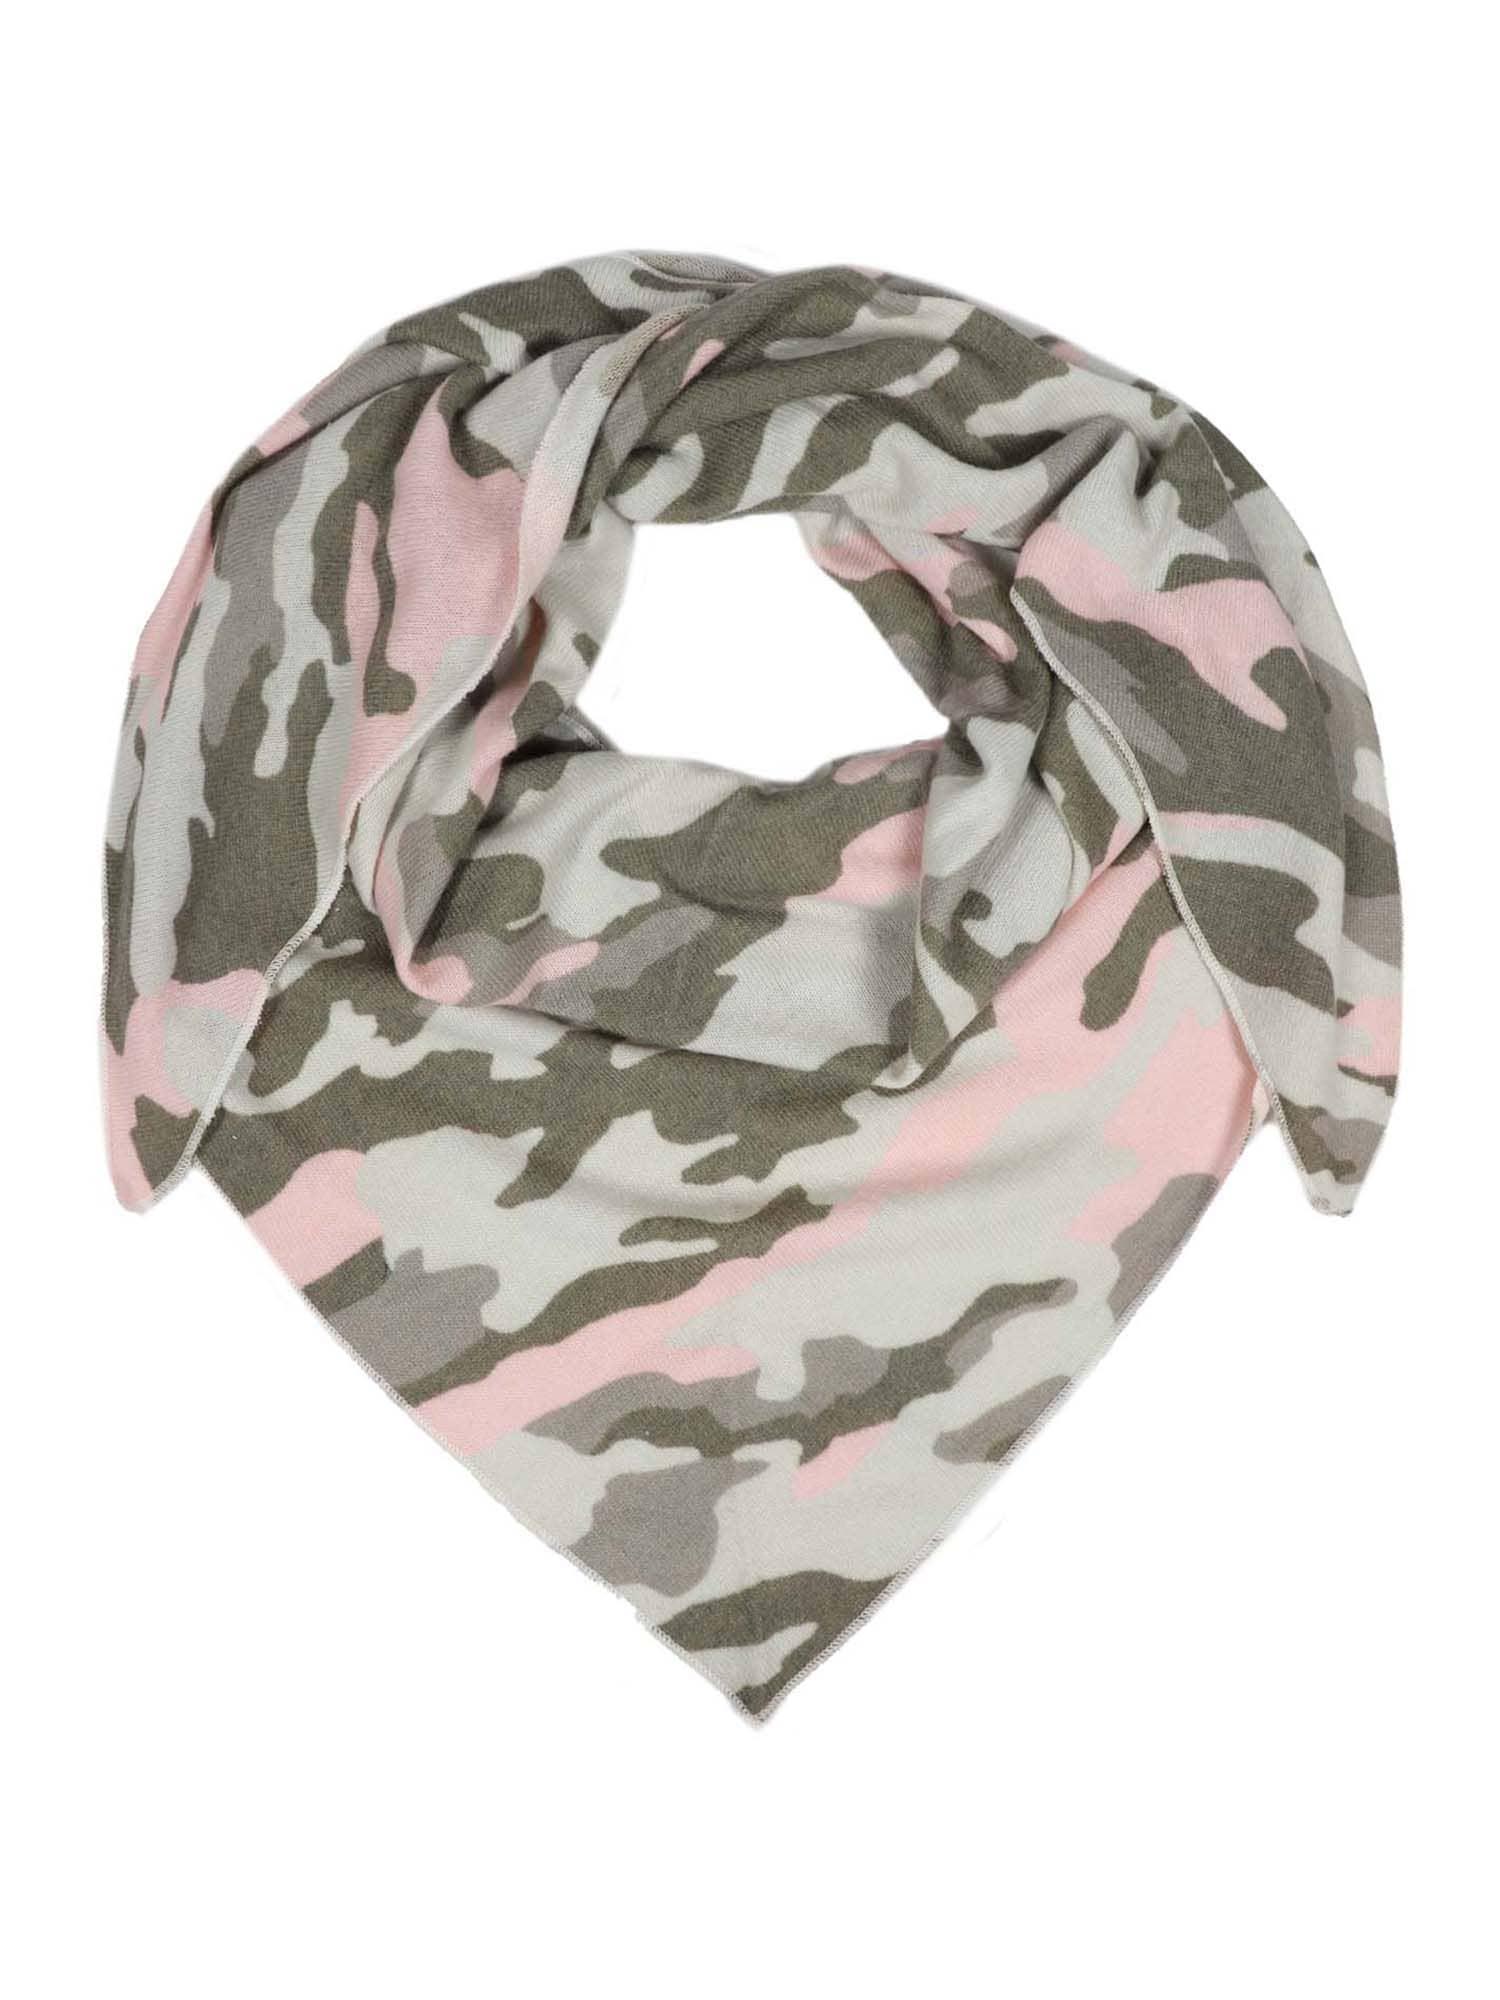 Zwillingsherz Šatka ' Camouflage '  ružová / zelená